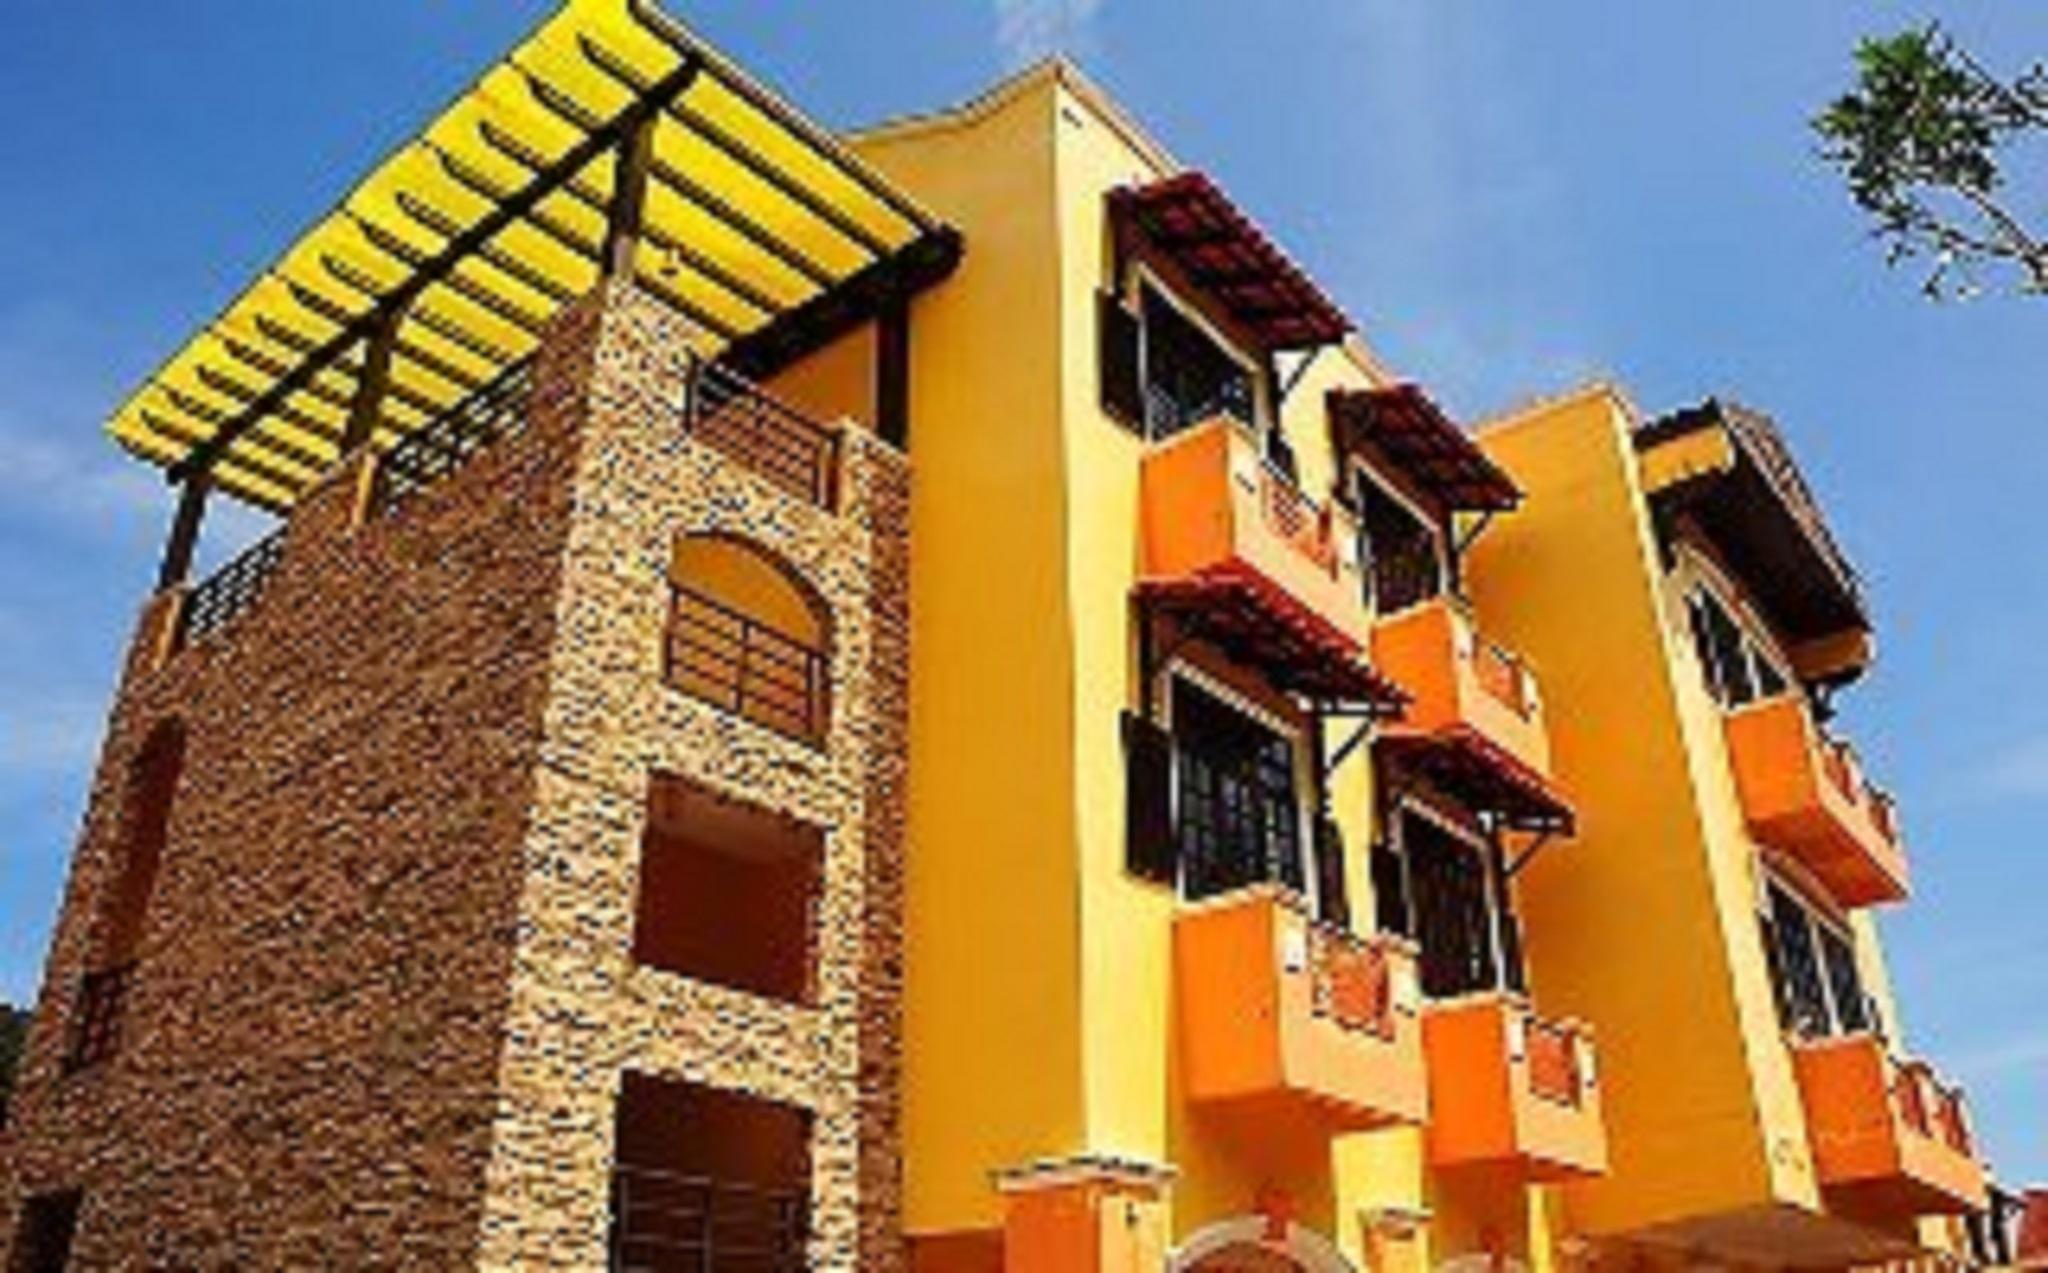 Geopark Hotel @ Oriental Village & Langkawi Skycab (tutup permanen), Langkawi